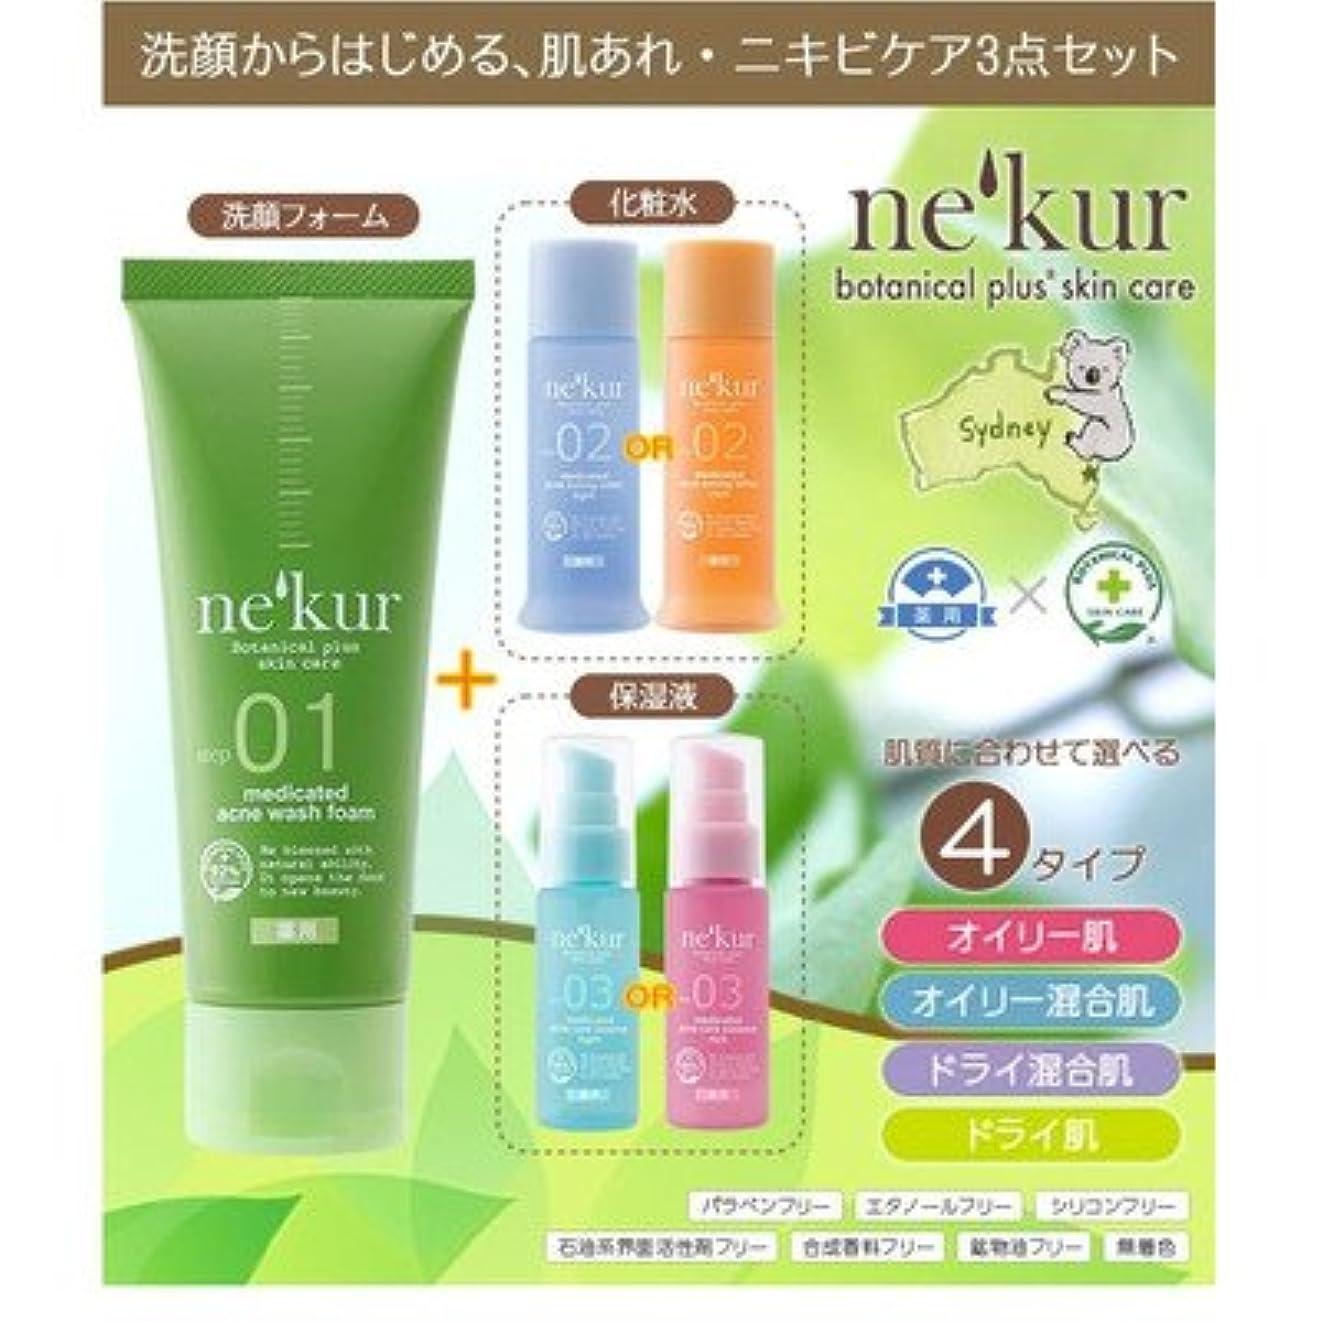 薬剤師ツール分布ネクア(nekur) ボタニカルプラススキンケア 薬用アクネ洗顔3点セット オイリー肌セット( 画像はイメージ画像です お届けの商品はオイリー肌セットのみとなります)